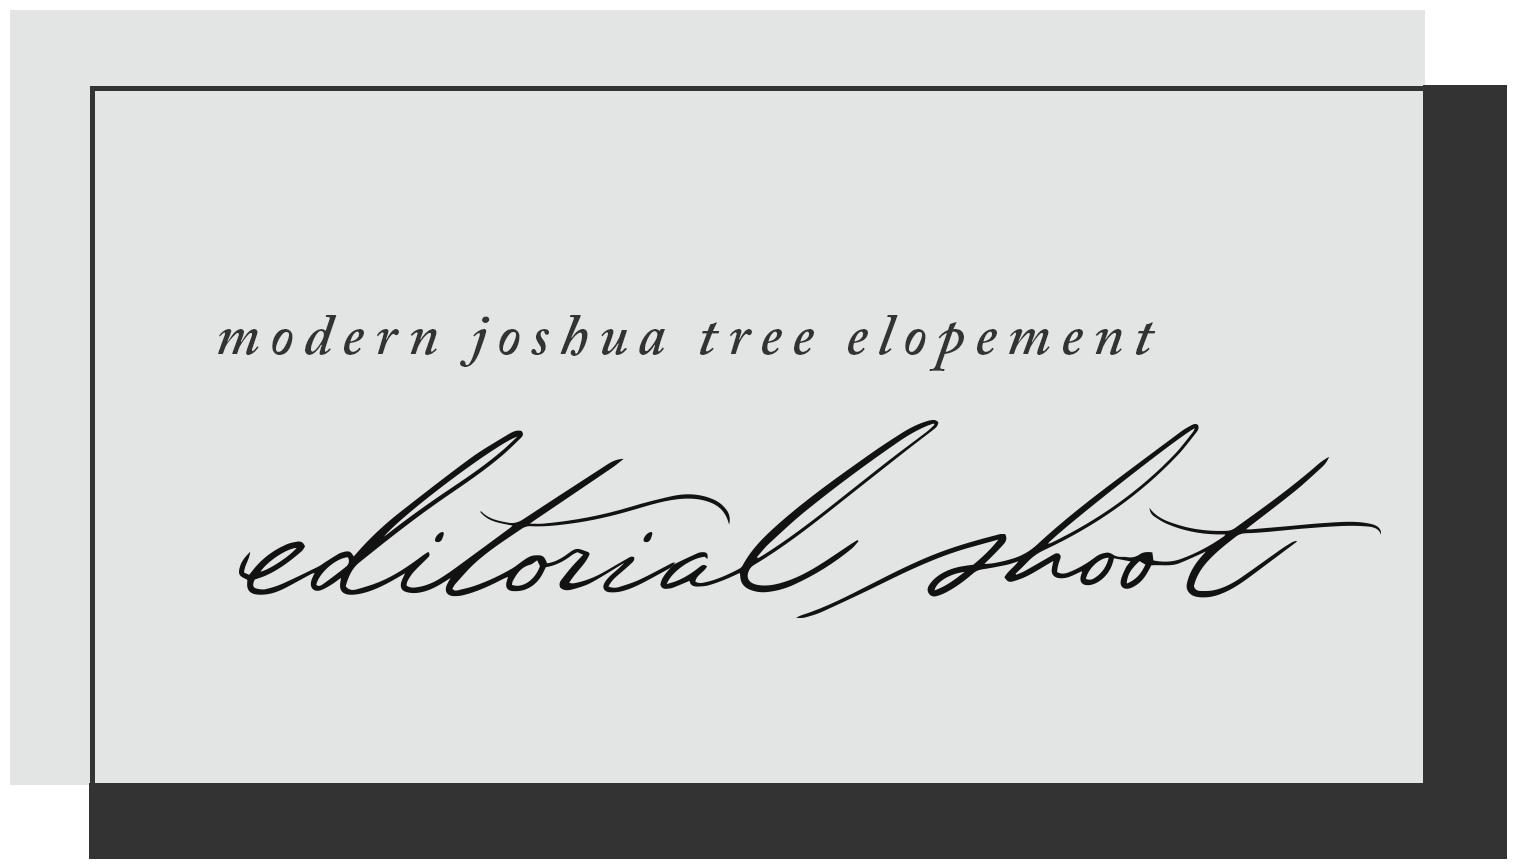 Joshua Tree gallerytext.png